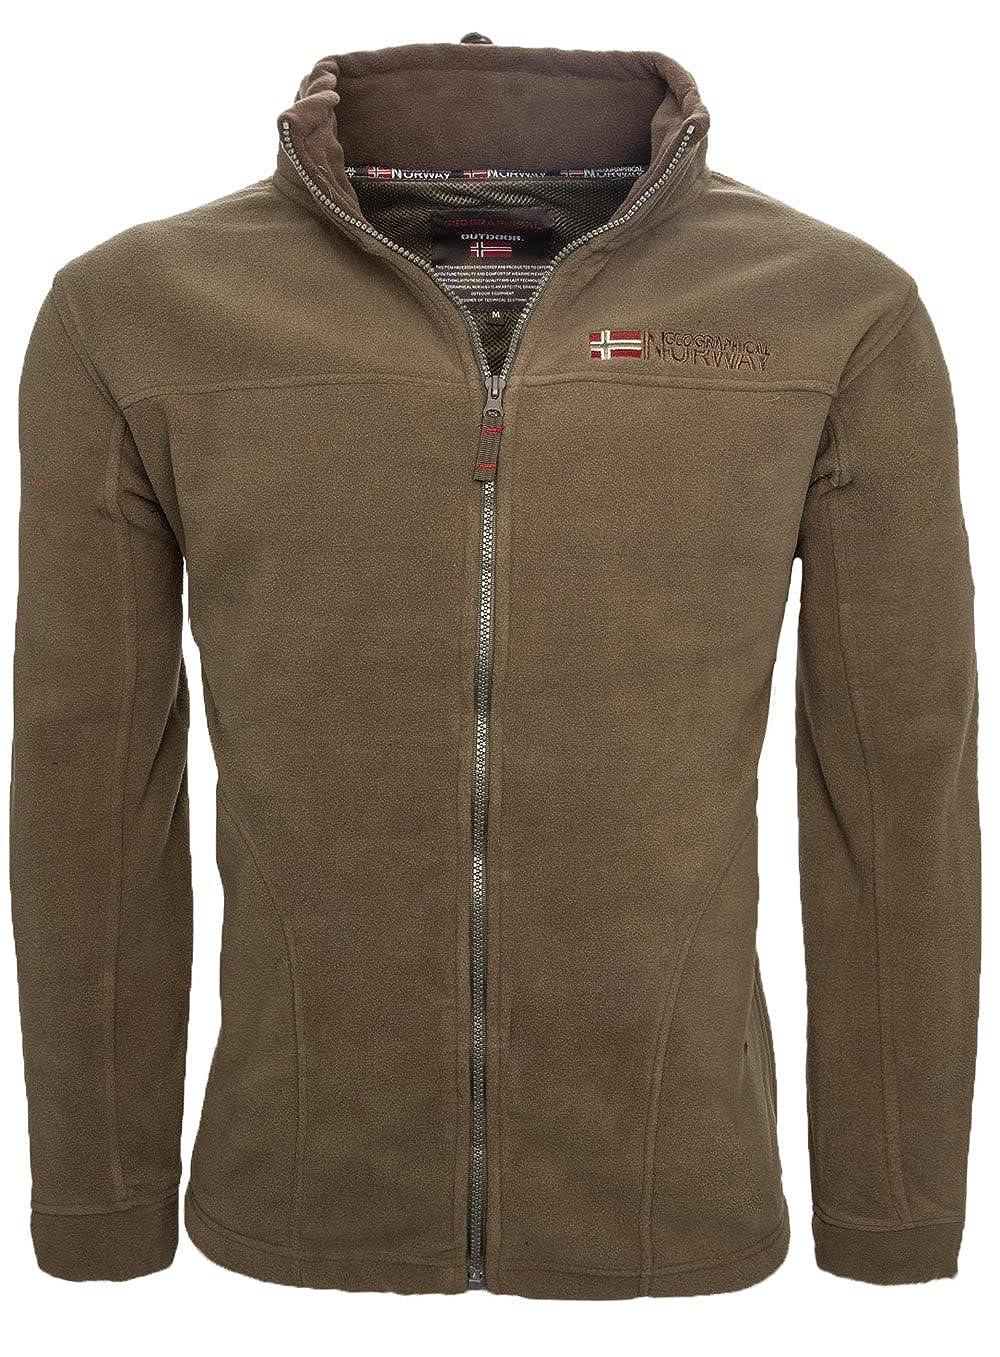 TALLA XXL. Geographical Norway Forro polar caliente para hombre, chaqueta de invierno, chaqueta de entretiempo, exteriores